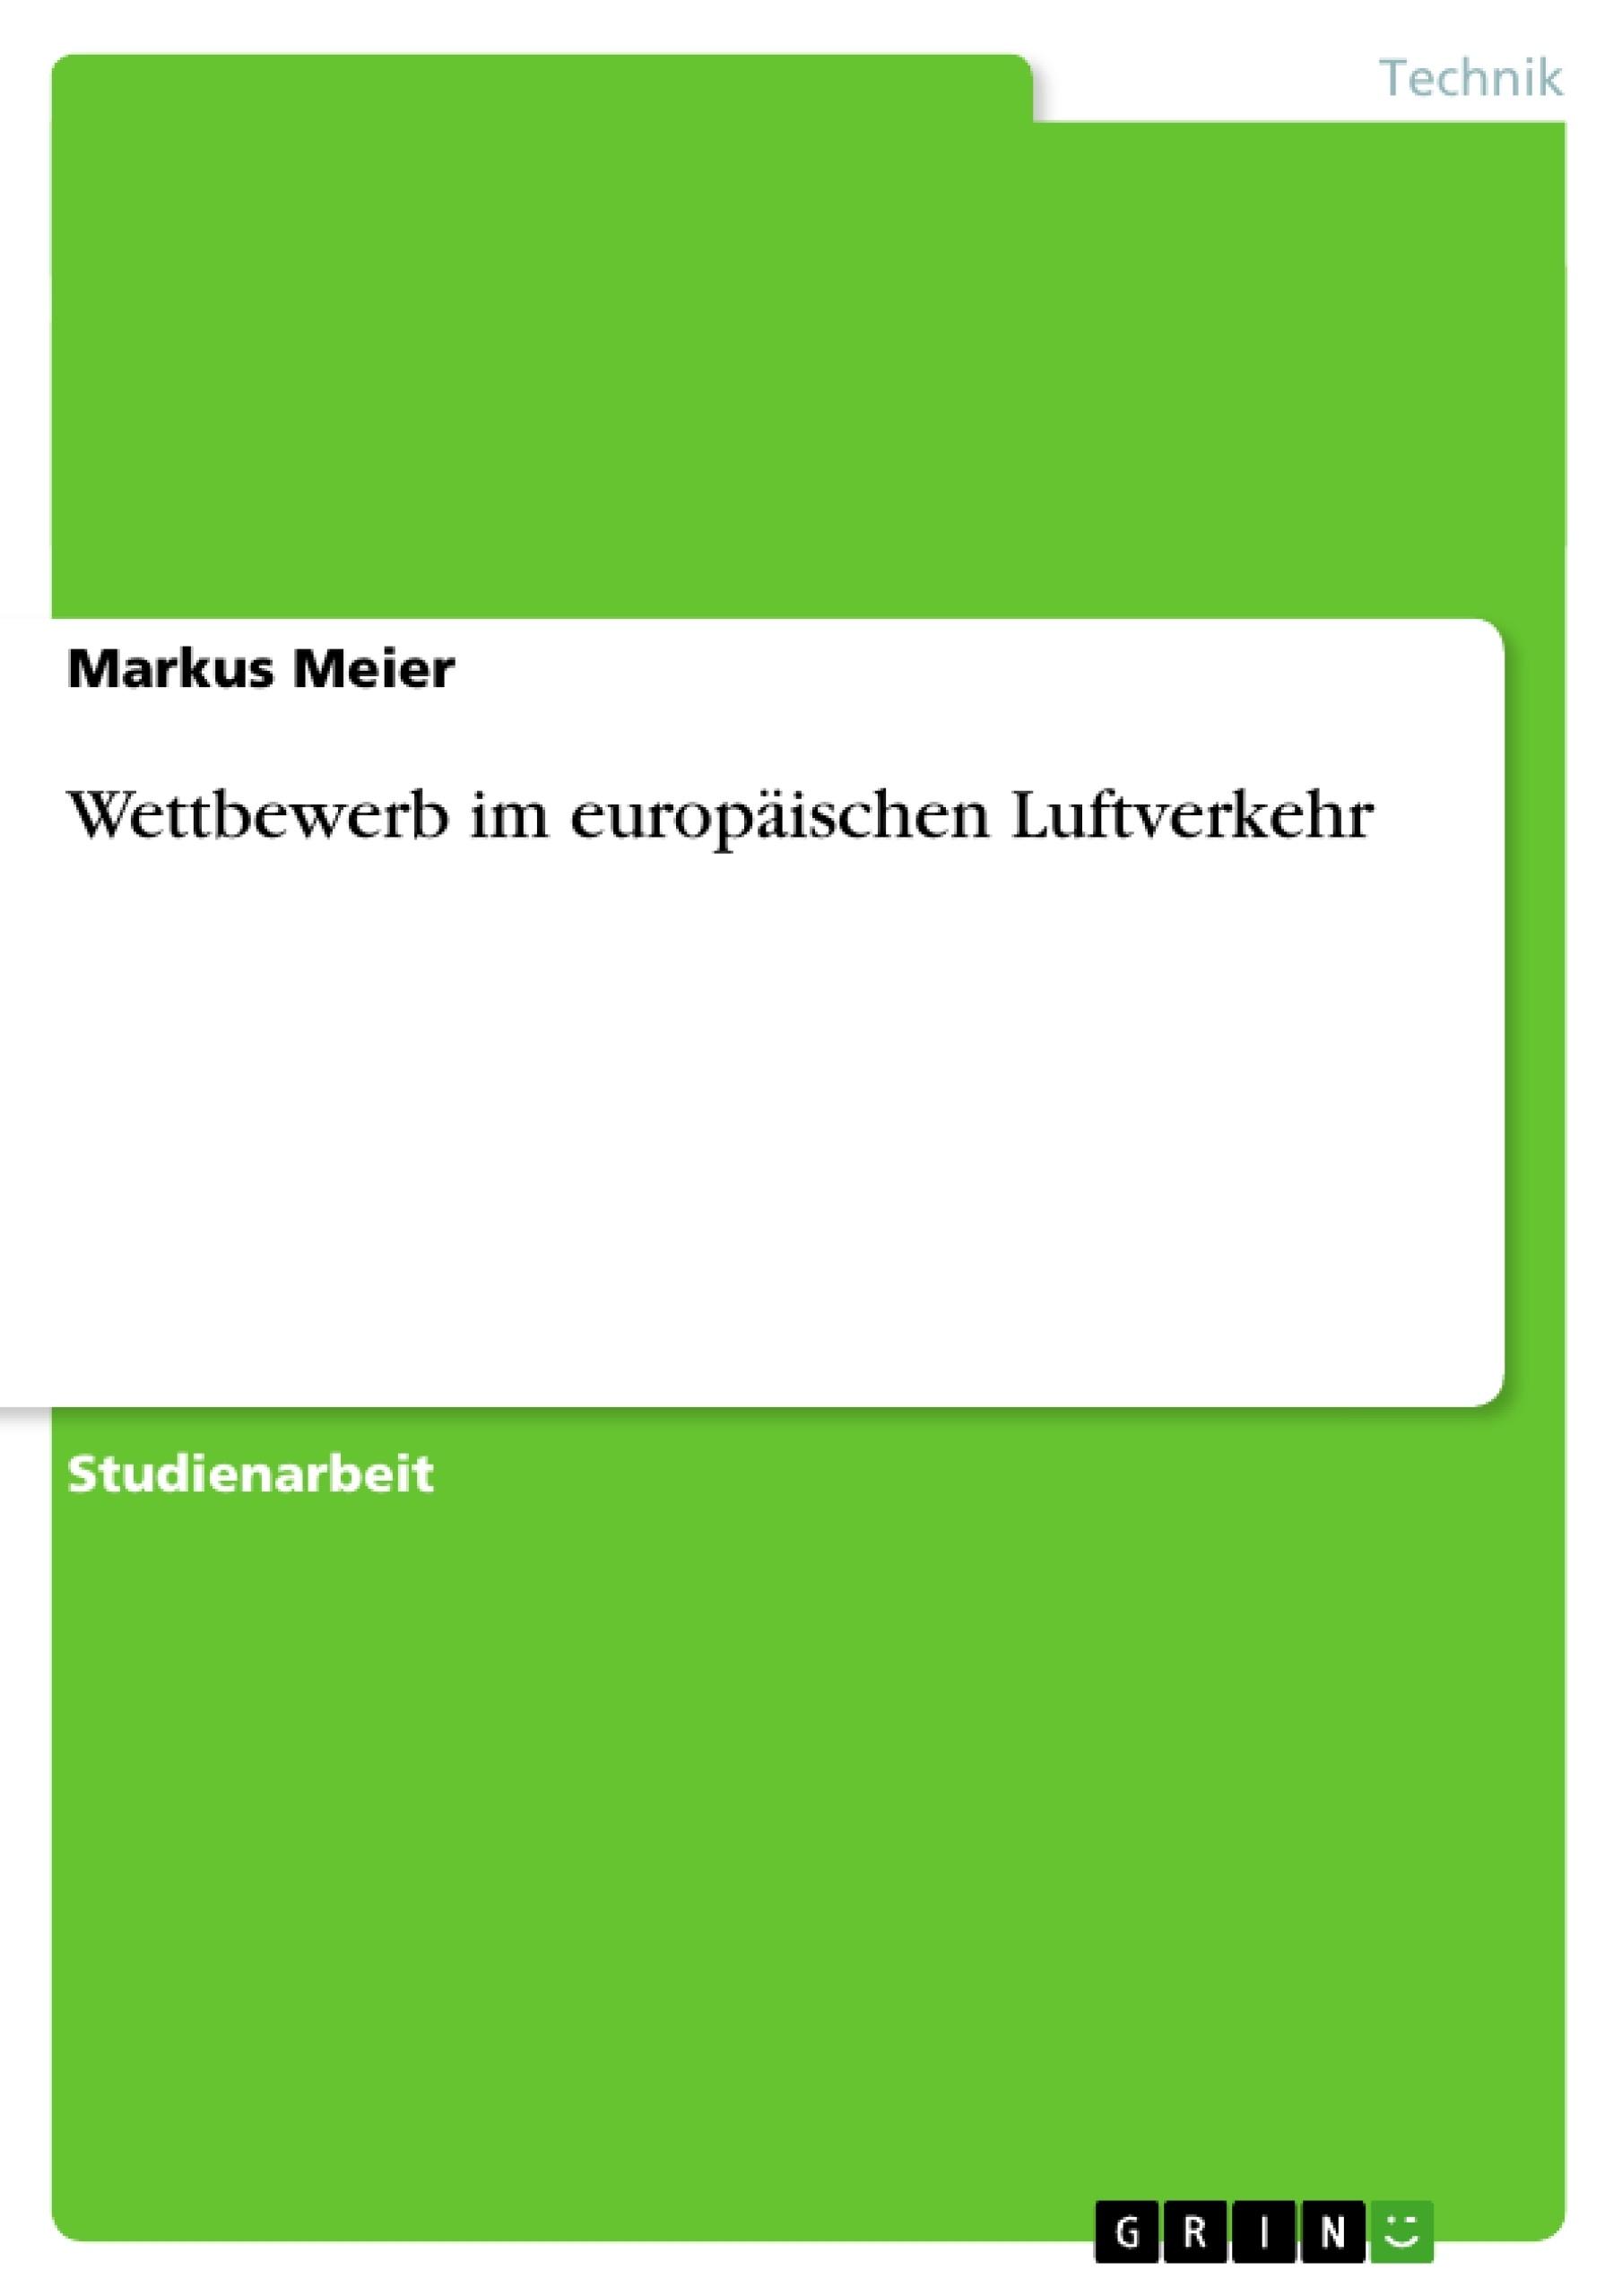 Titel: Wettbewerb im europäischen Luftverkehr